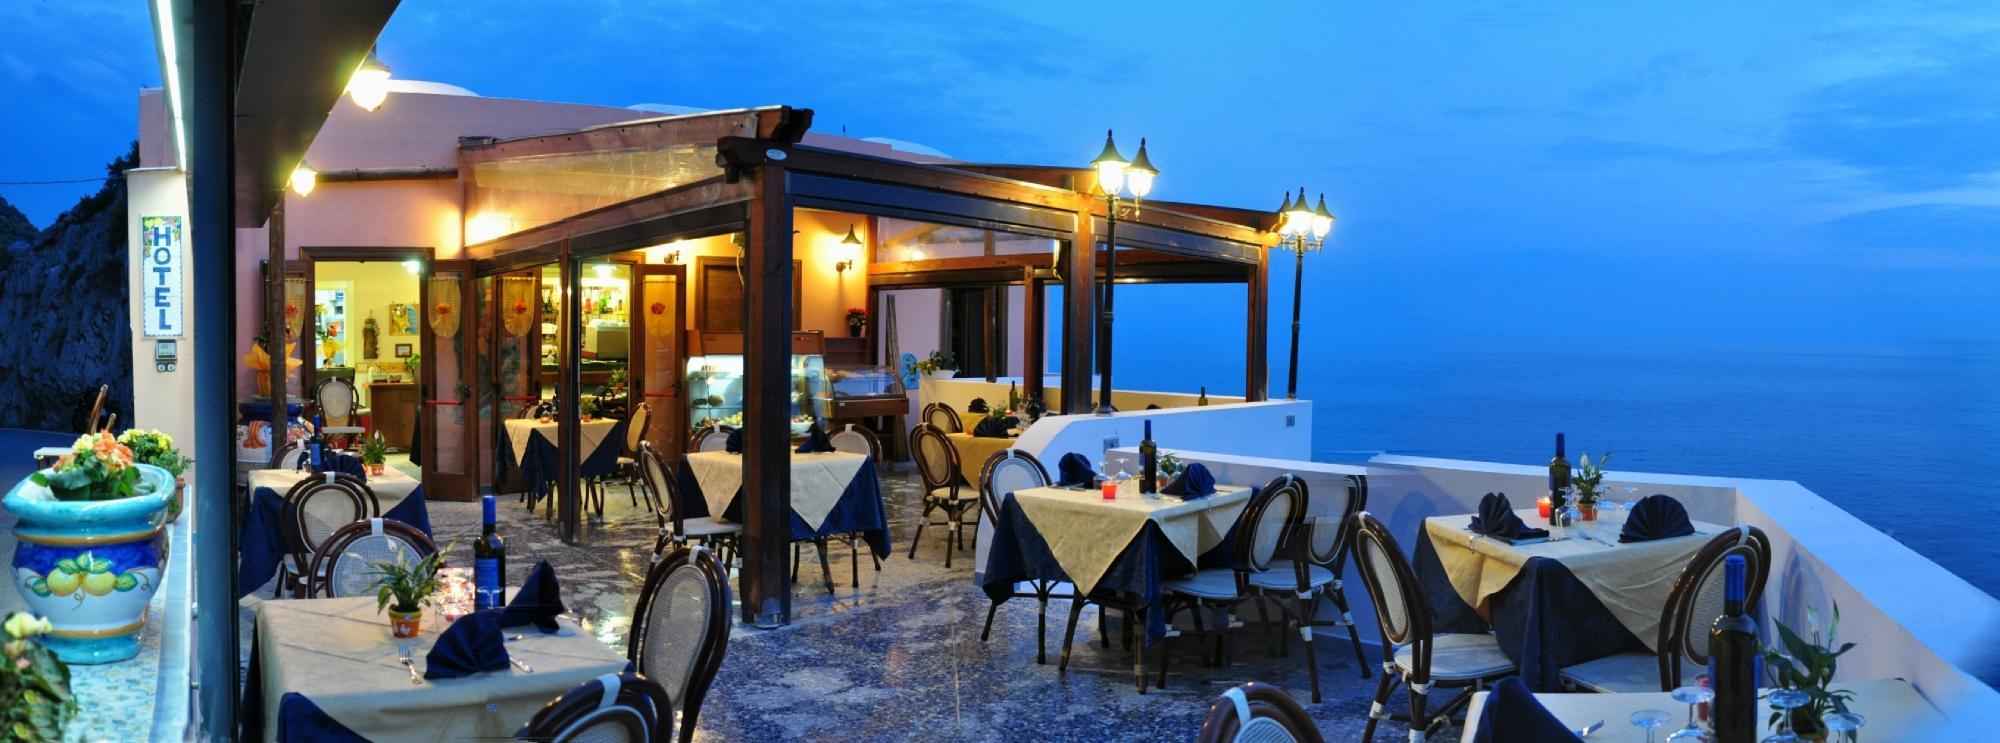 Ristorante in Costiera Amalfitana a Furore con terrazza sul mare